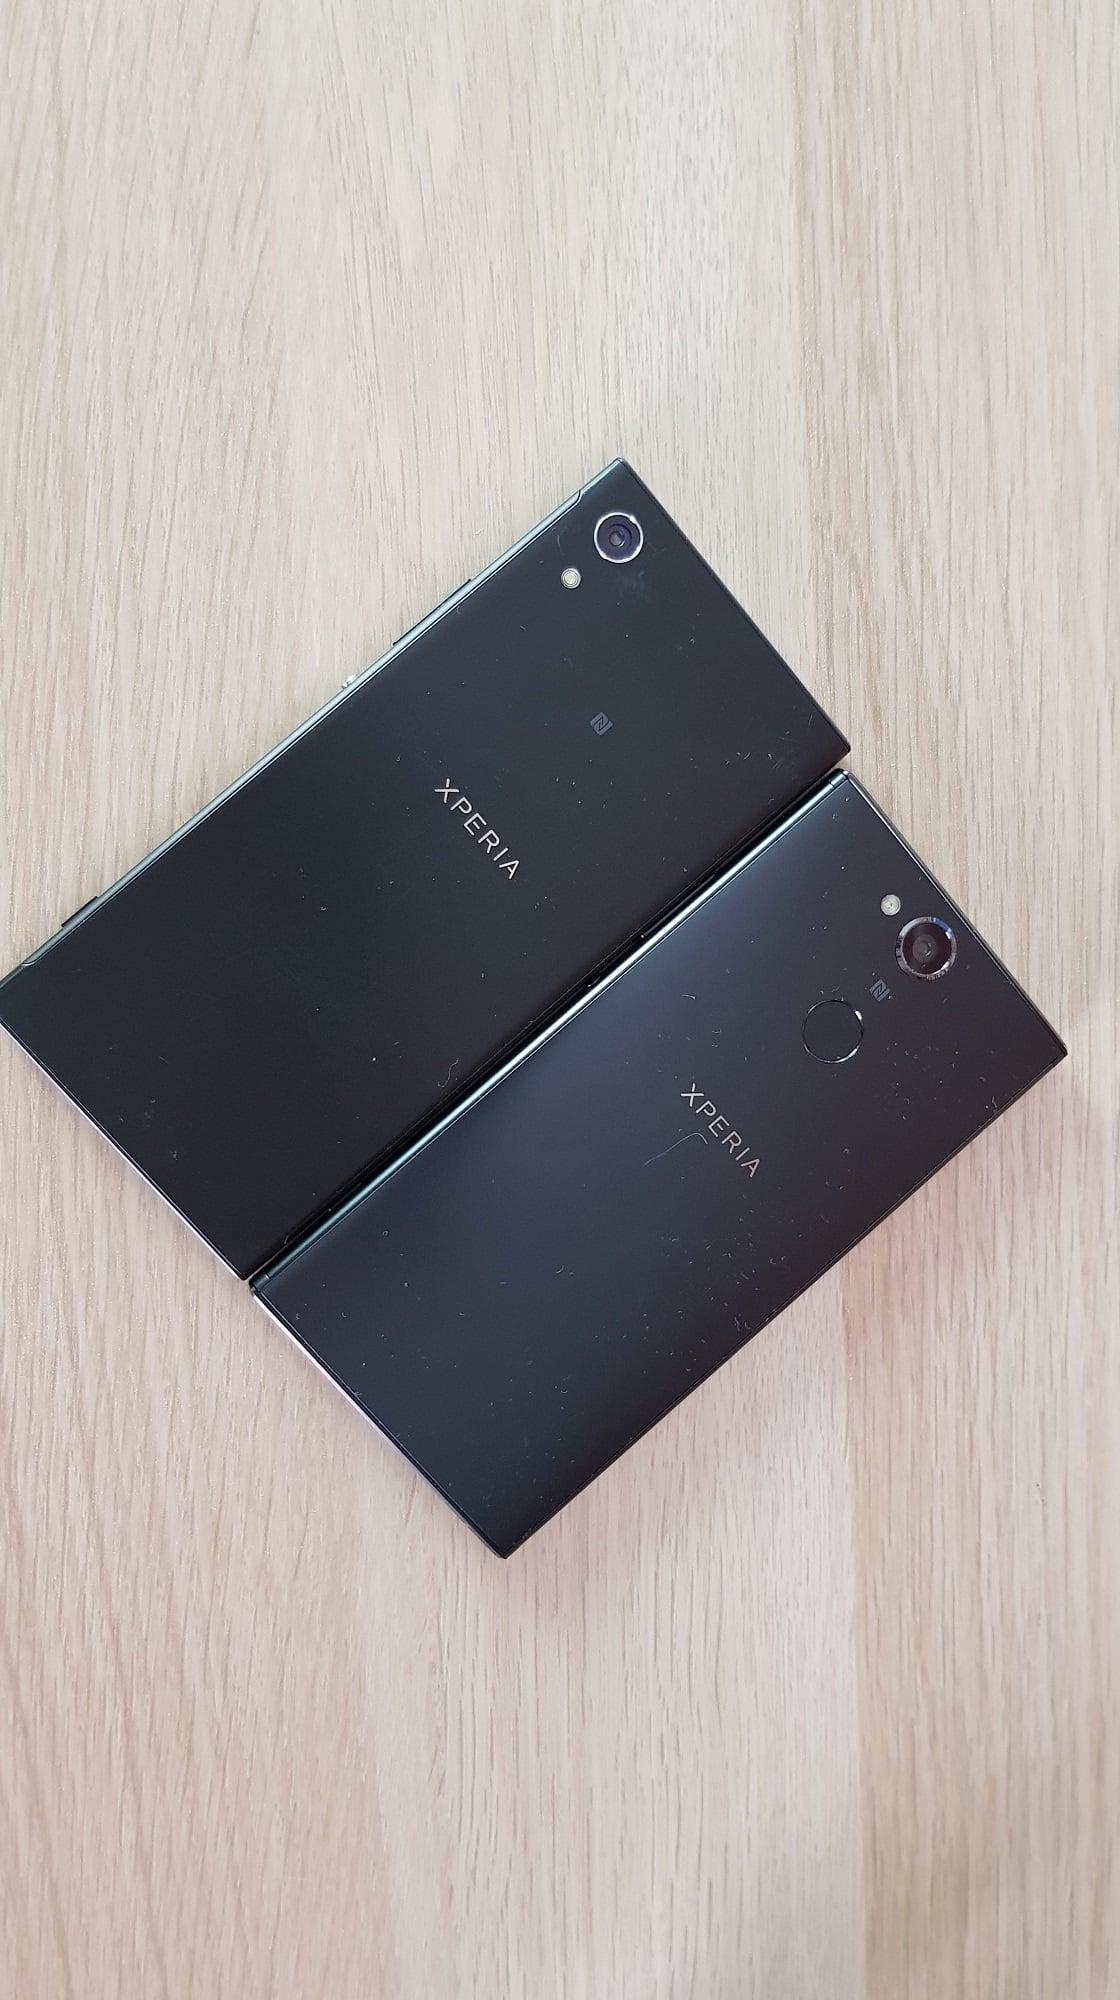 Czy nowszy aparat to lepszy aparat? Sprawdzam na przykładzie modeli Sony Xperia XA1 i Xperia XA2 24